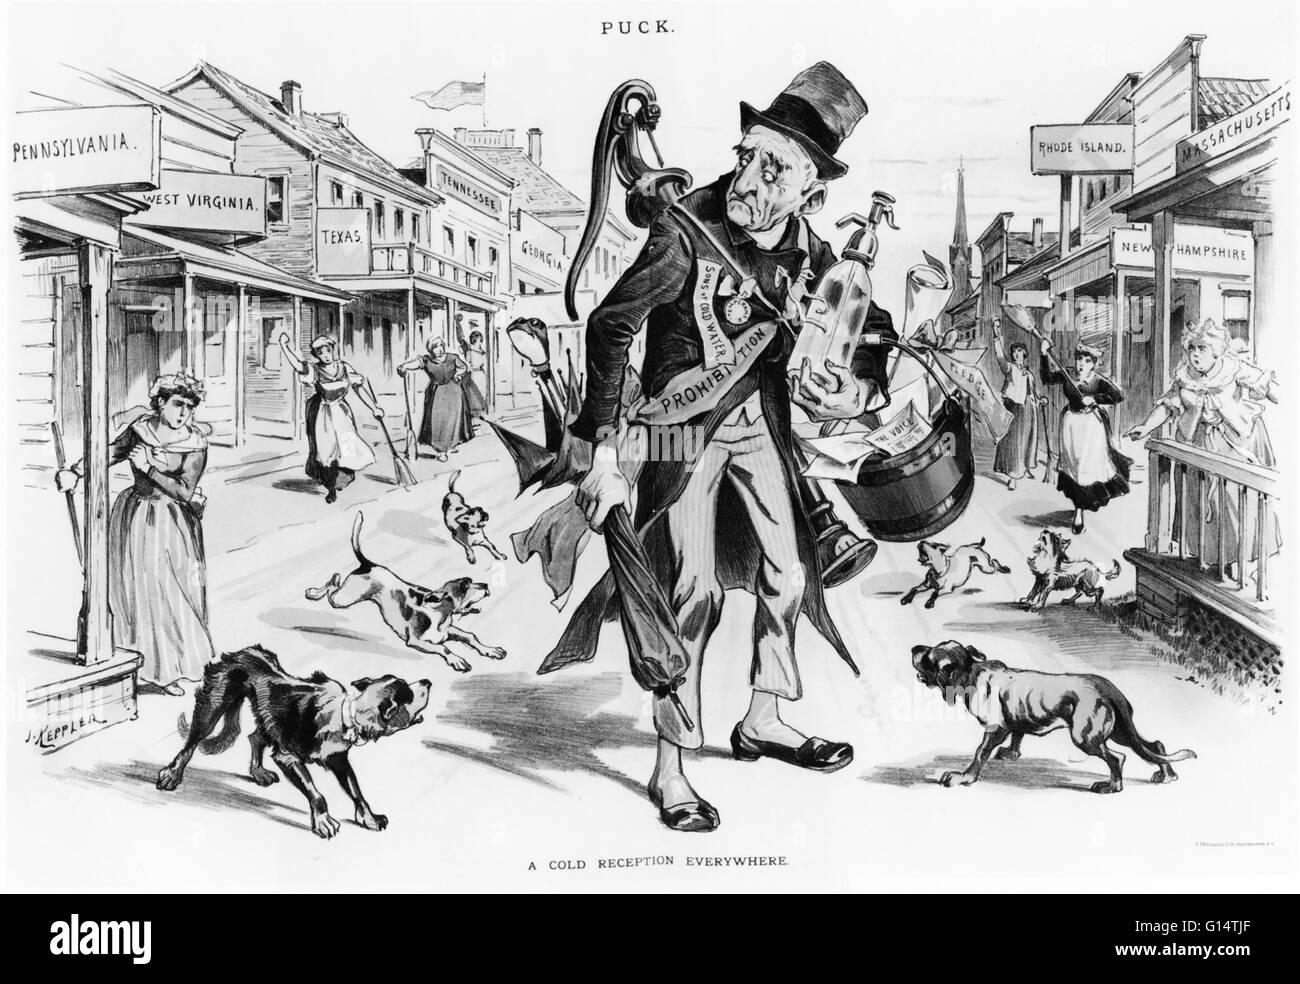 """Caricature politique montrant Vieil Homme Interdiction de recevoir """"une réception froide partout."""" Photo Stock"""